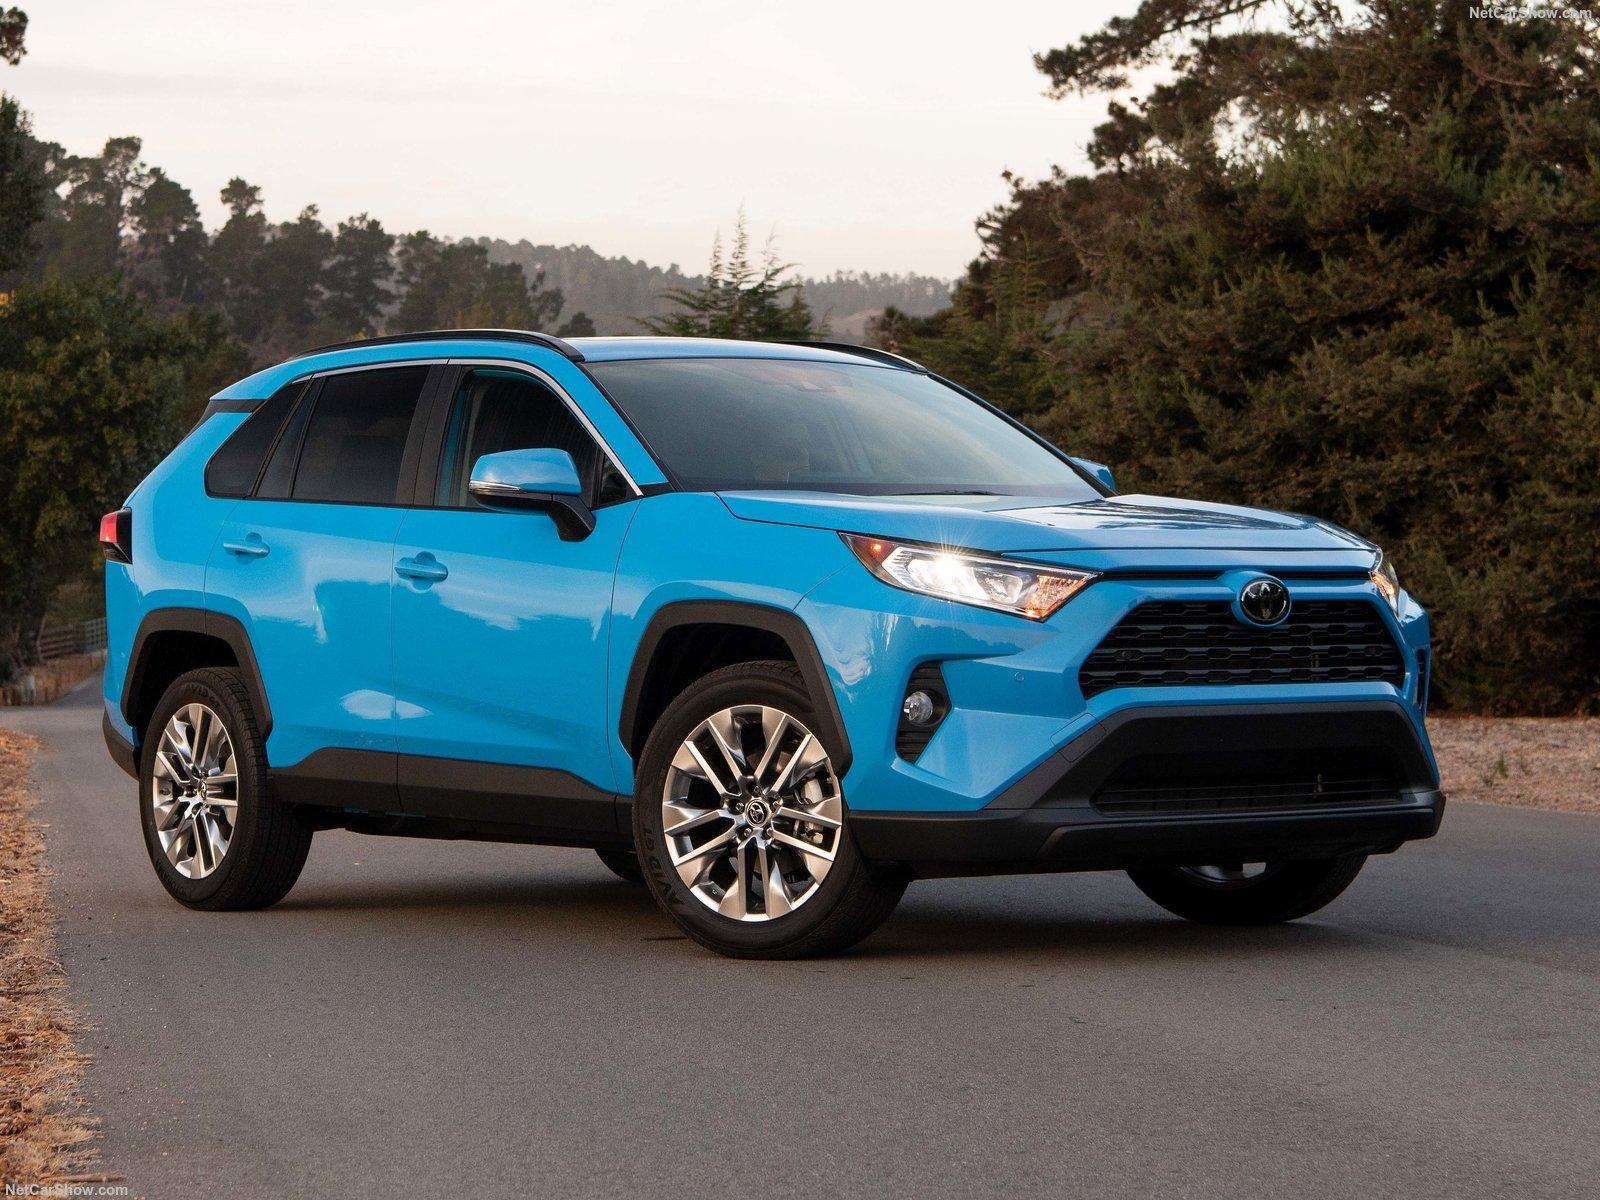 Toyota-RAV4-2019-1600-07.jpg